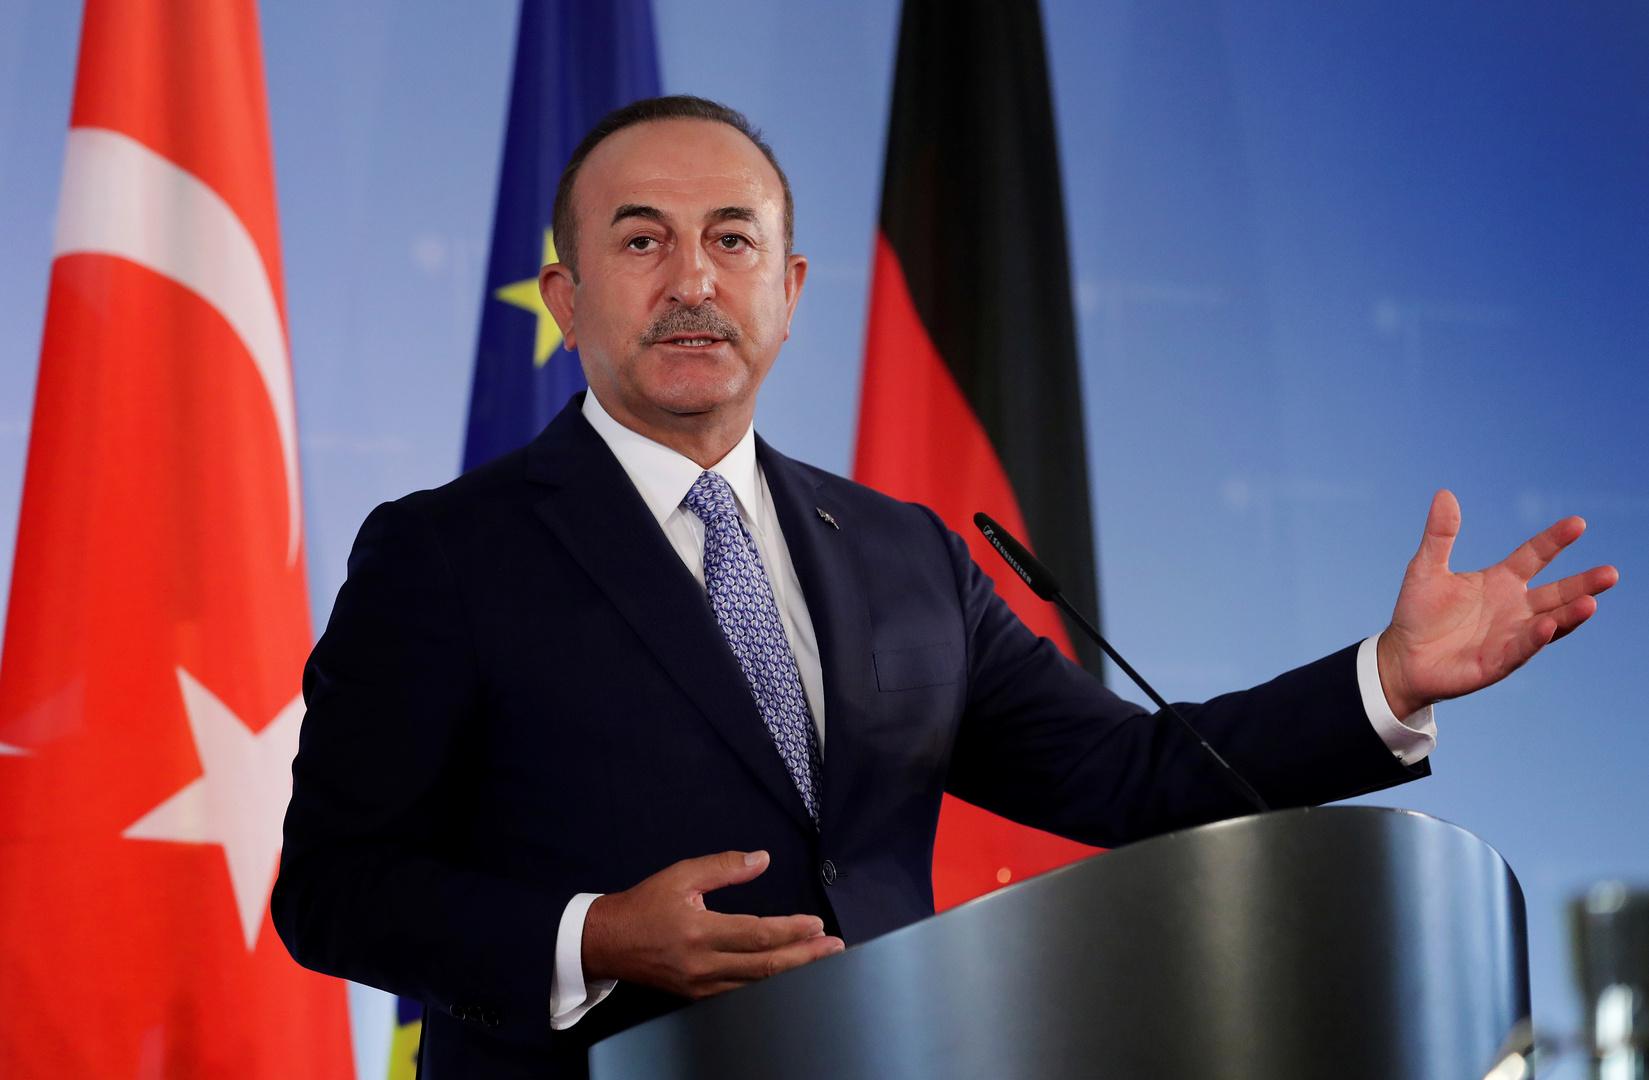 تركيا تعلن أن المحادثات مع اليونان عقدت بـ